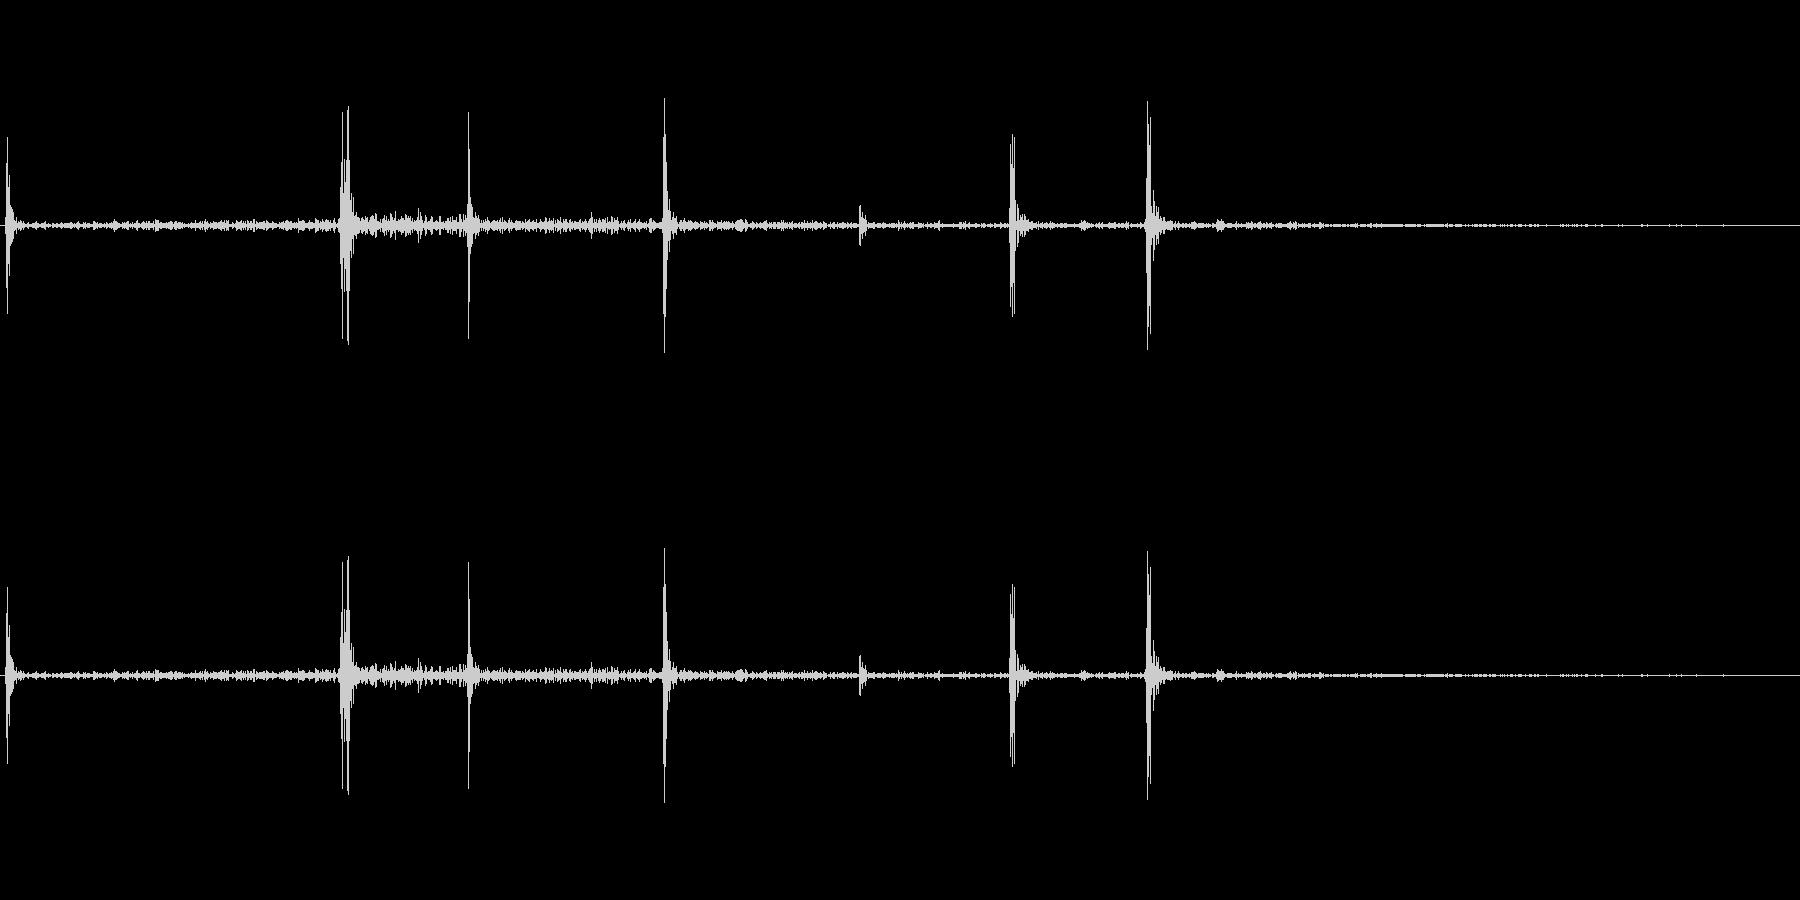 栄養ドリンクの蓋を開ける音の未再生の波形